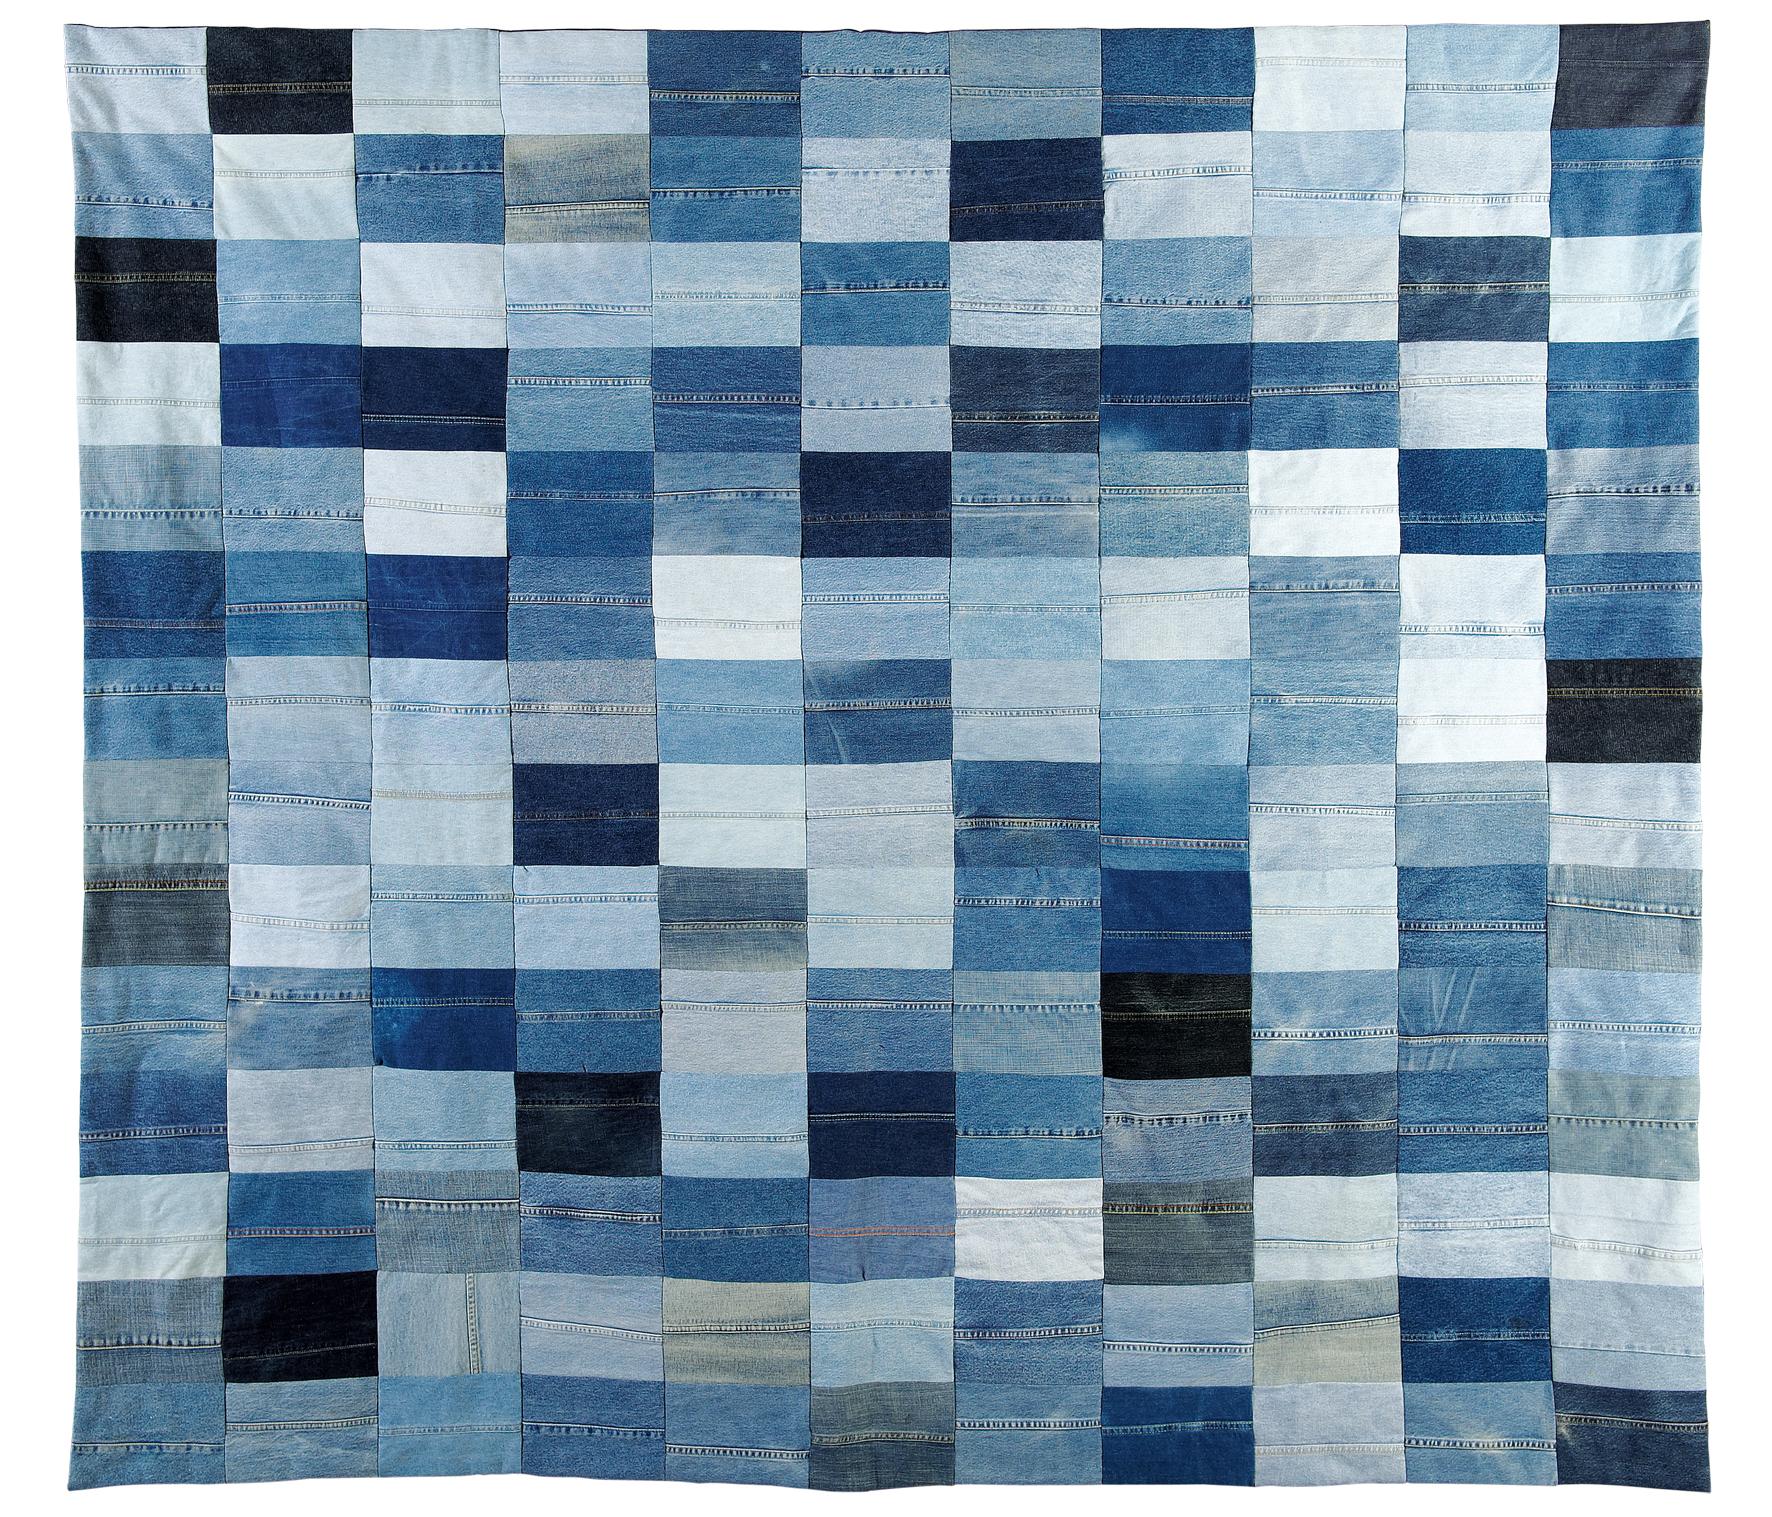 """Patchwork """"Strauss bleu"""", réalisé par le collectif Six Patch, lauréat du prix ARTHIS en 2010.  Son intérêt consiste dans le fait qu'il s'agit d'un textile très particulier, emblématique dès le milieu du 19ème siècle et toujours hyper-contemporain, et qui en l'occurrence revient au mur après un passage en qualité de vêtement. 170 paires de jeans ont été nécessaires à la réalisation de cette oeuvre."""